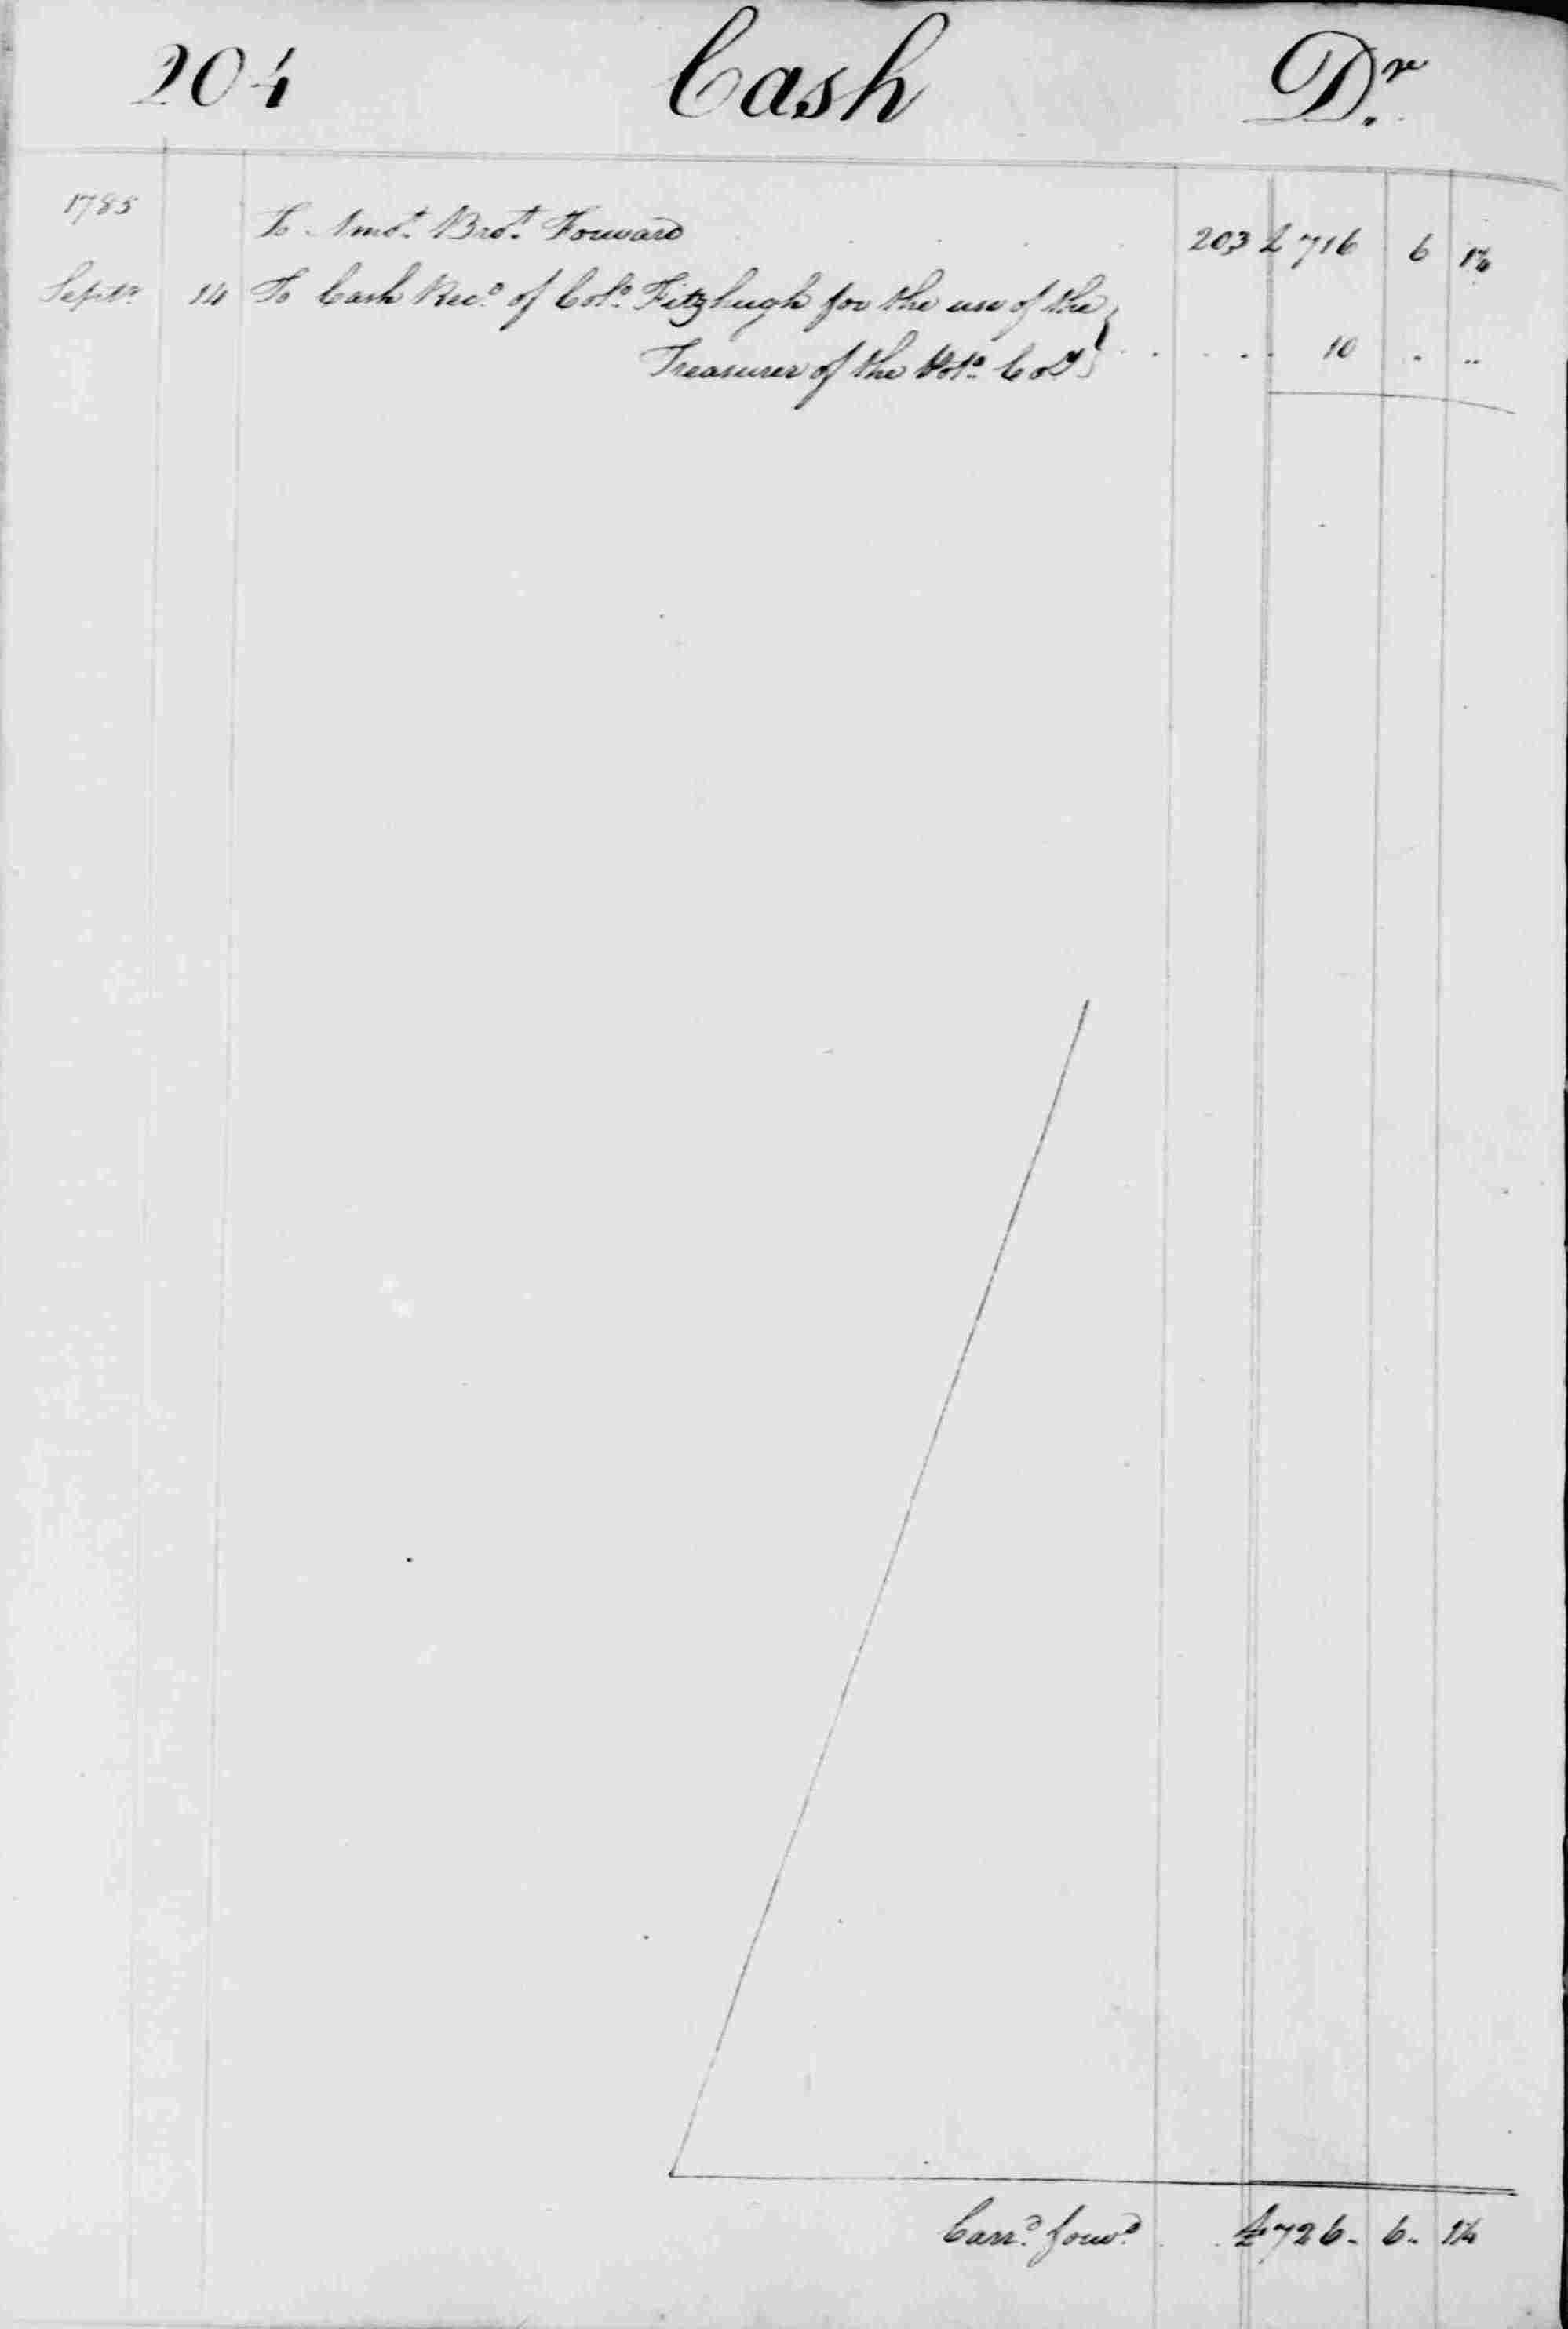 Ledger B, folio 204, left side